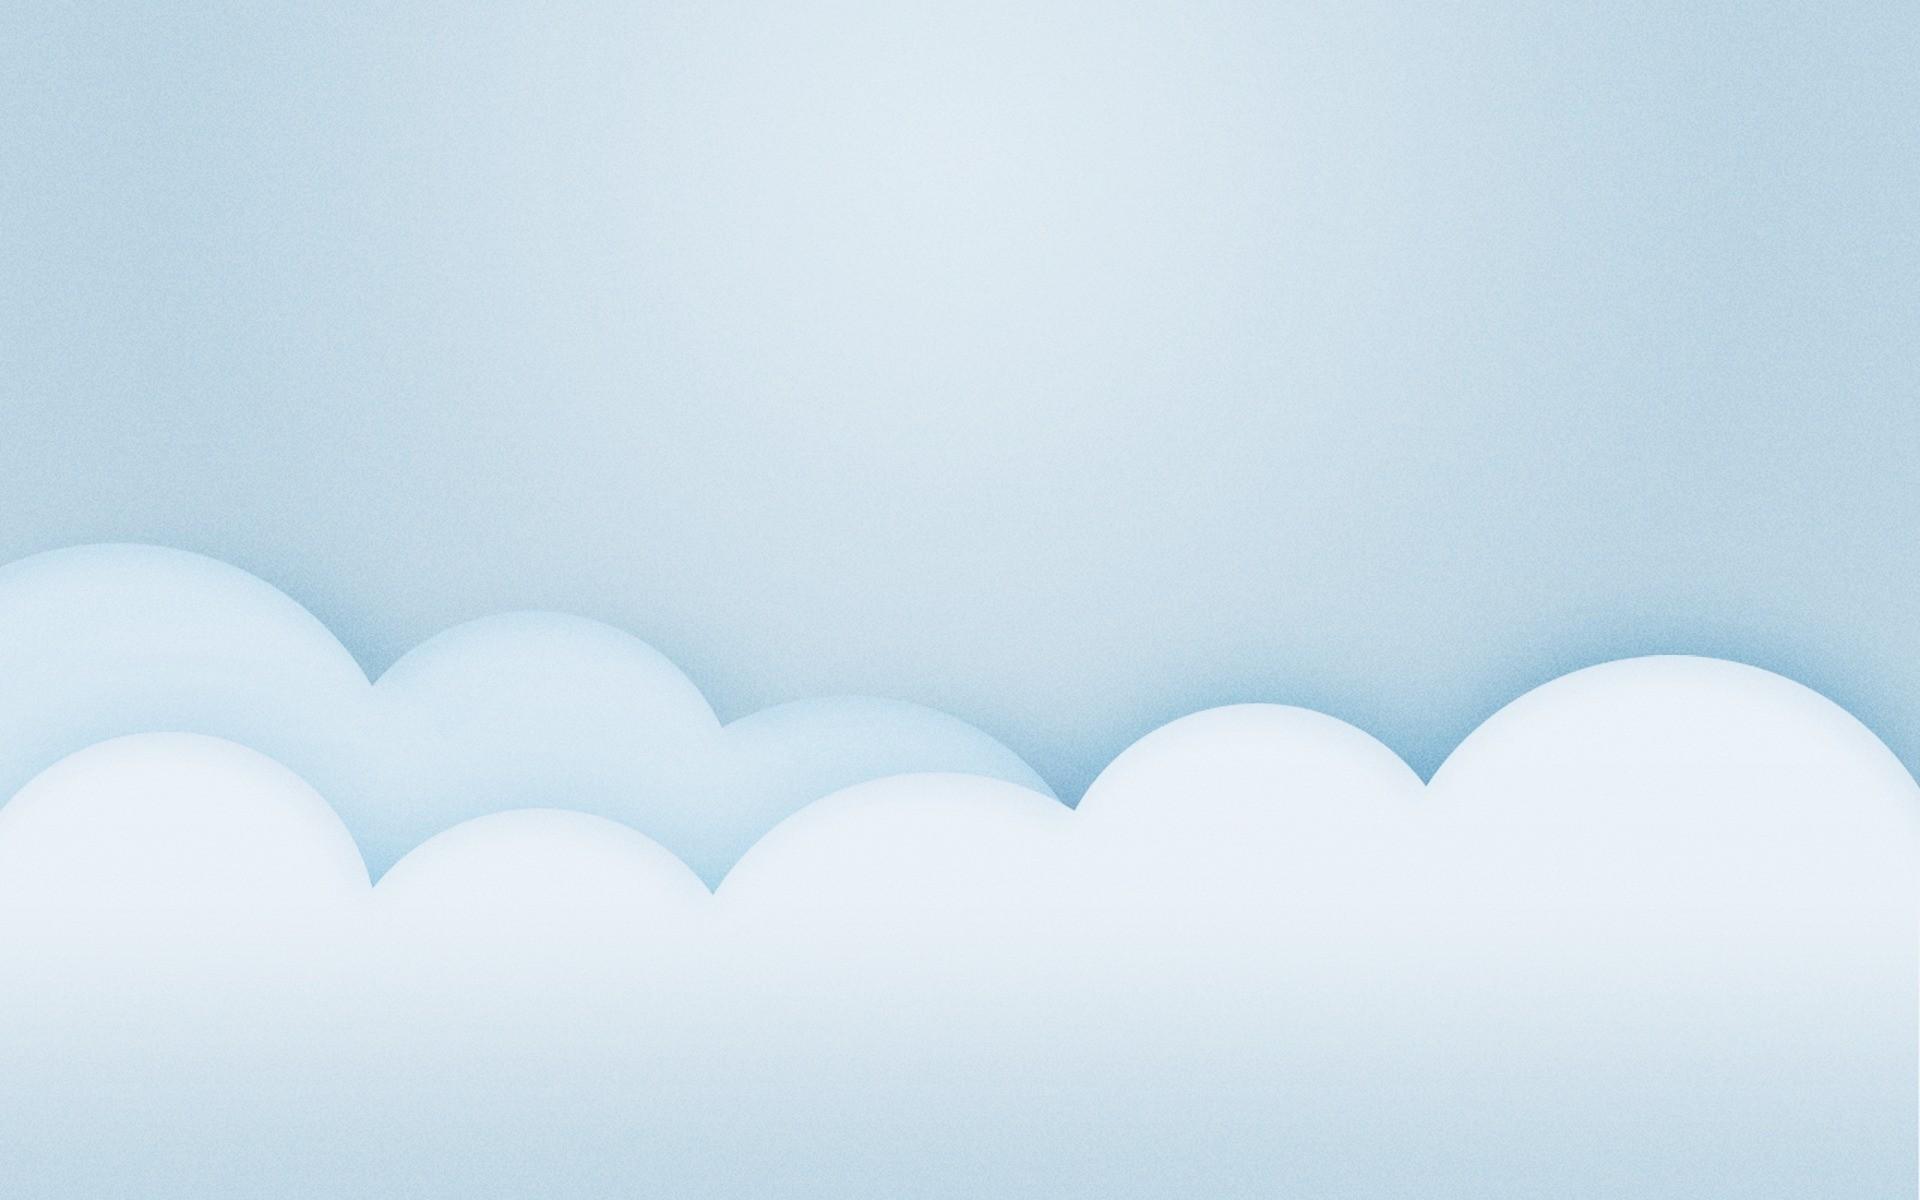 wallpapers light clouds minimalistic blue wallpaper minimalist 1920x1200